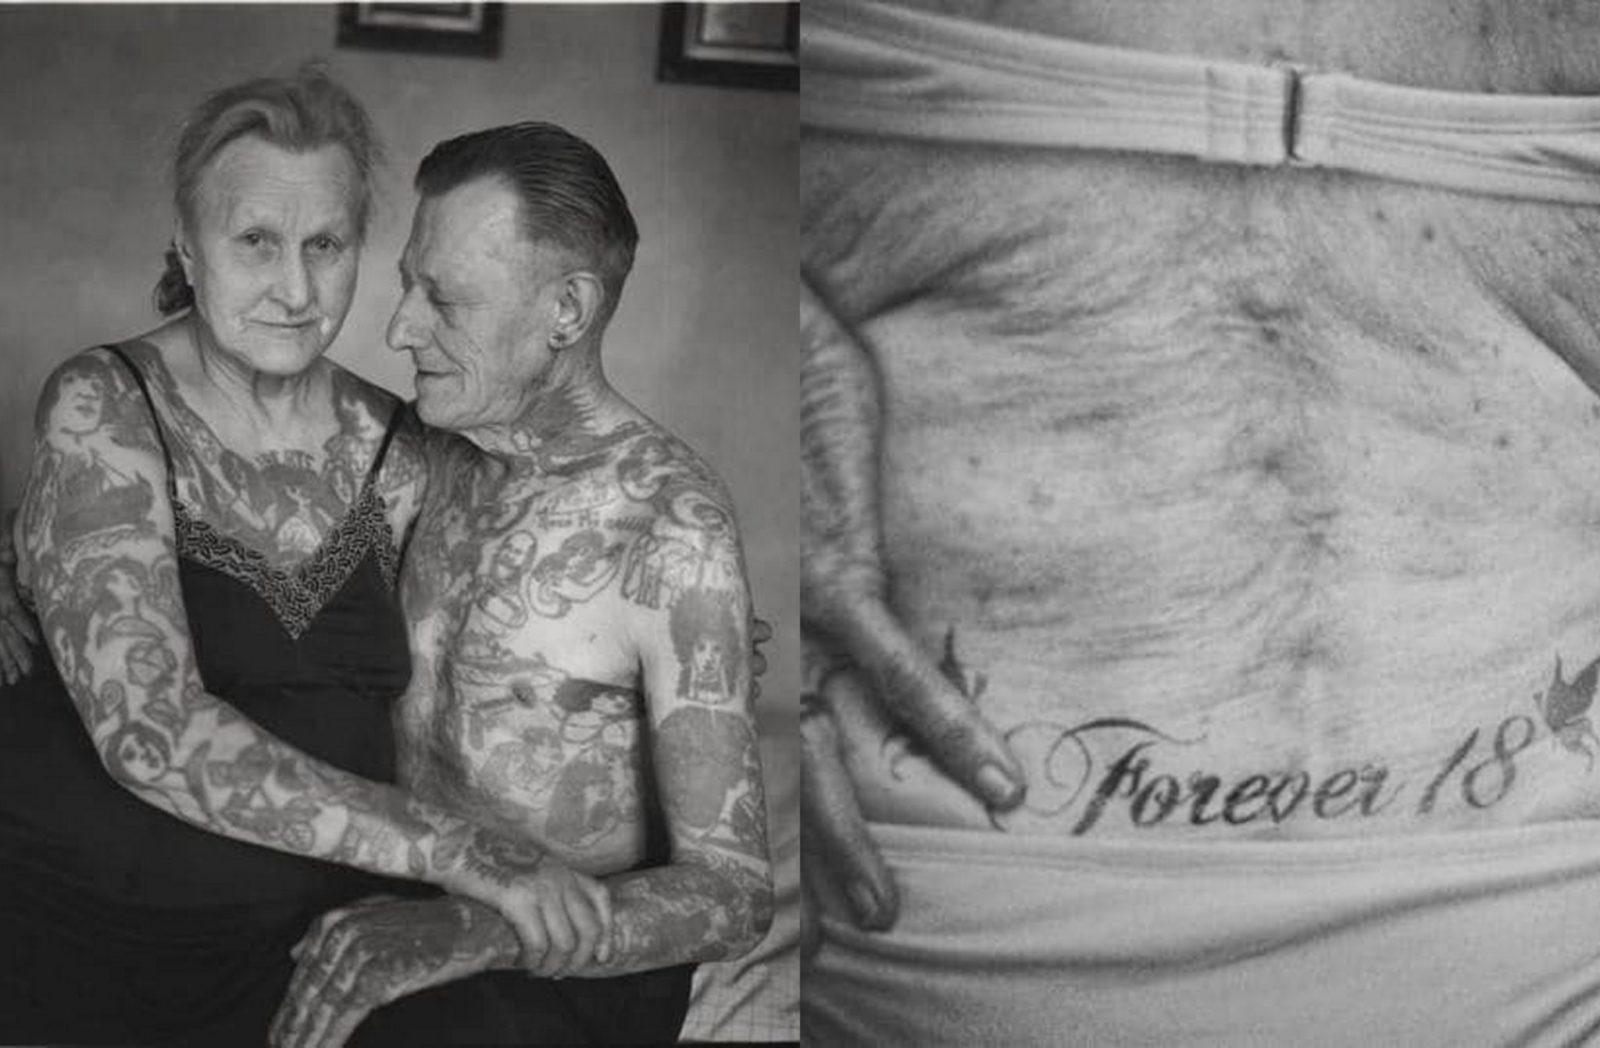 Para, kobieta i mężczyzna oboje cali w tatuażach i Tatuaż forever 18 na wysokości kości ogonowej starszej kobiety